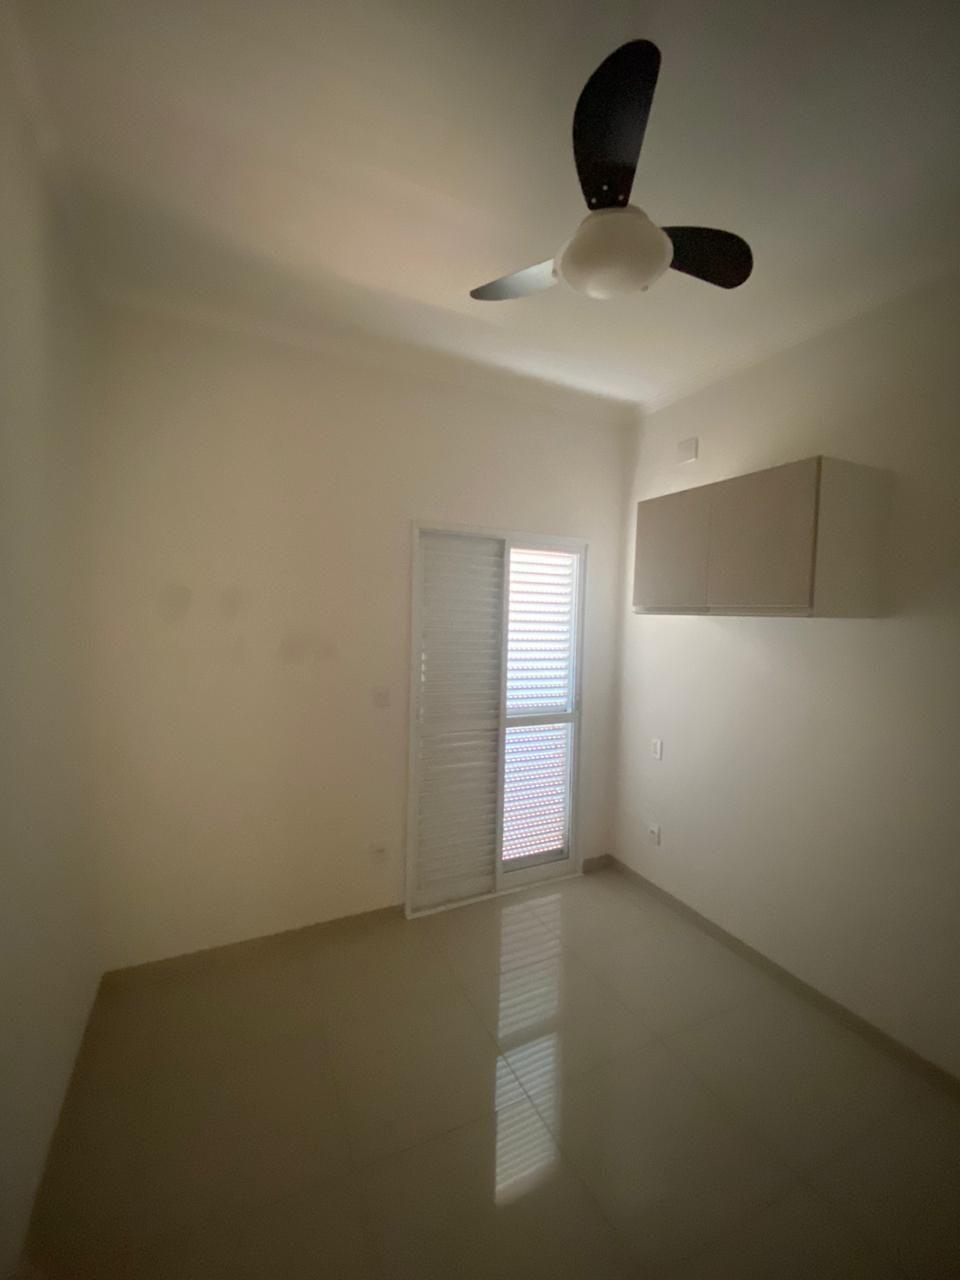 742 - Apartamento Nova Aliança 2 Dormitórios 2 Vagas